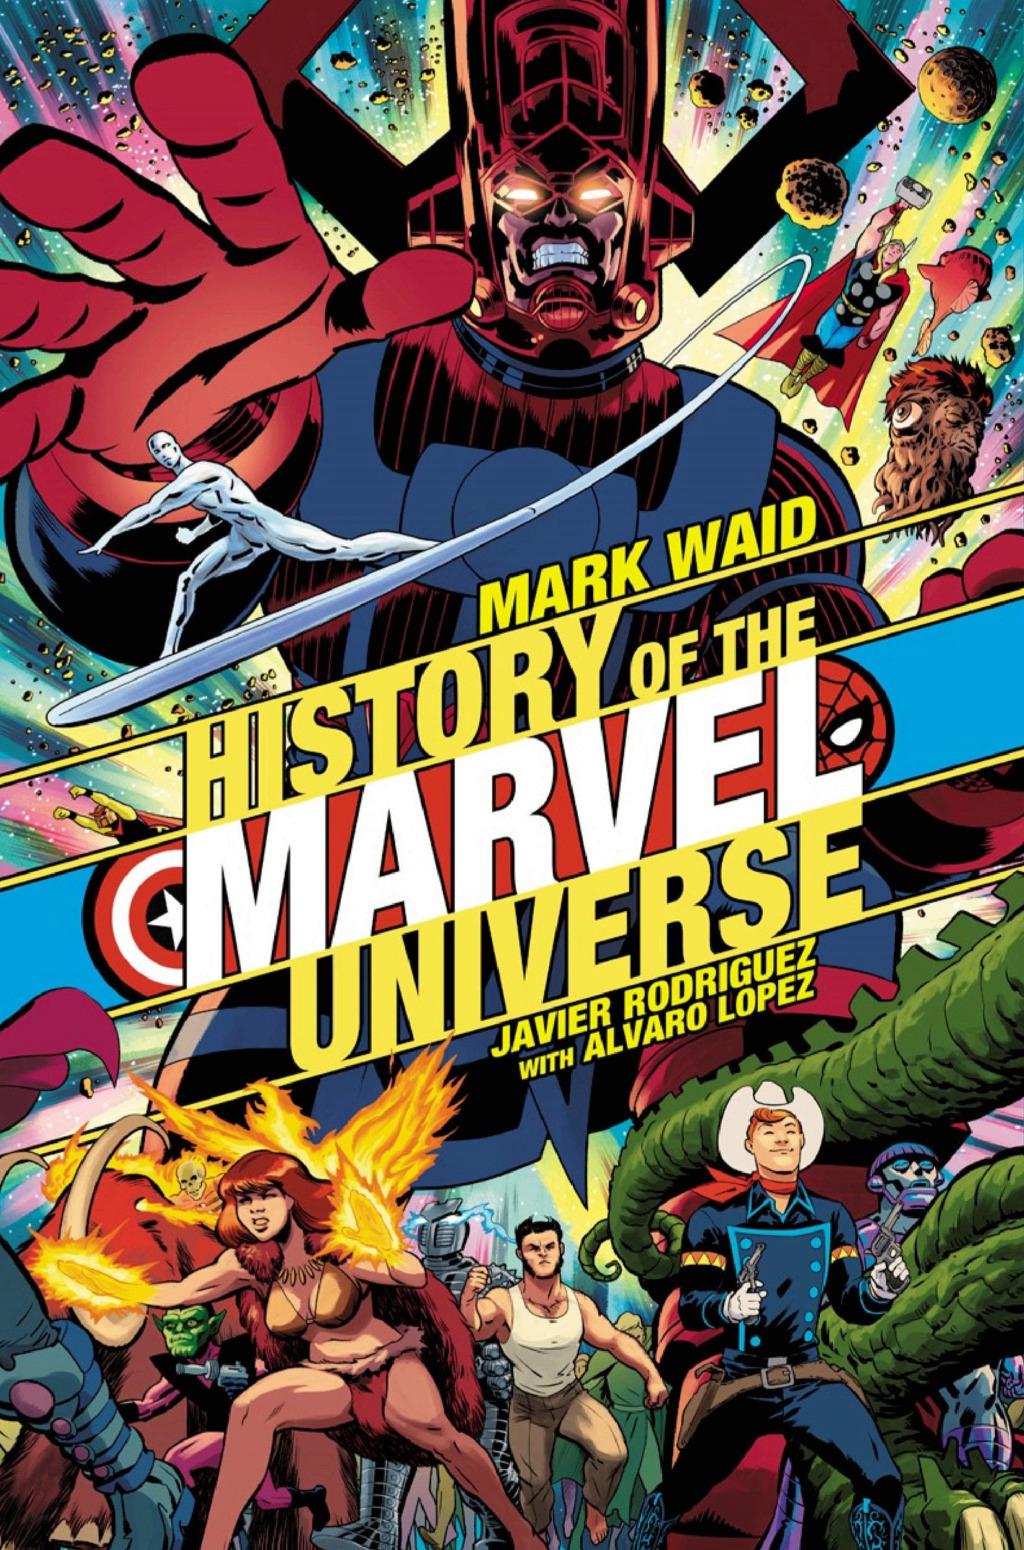 [Marvel - Ovni-Press] Consultas y novedades - Referente: Skyman v3 - Página 7 Histor10